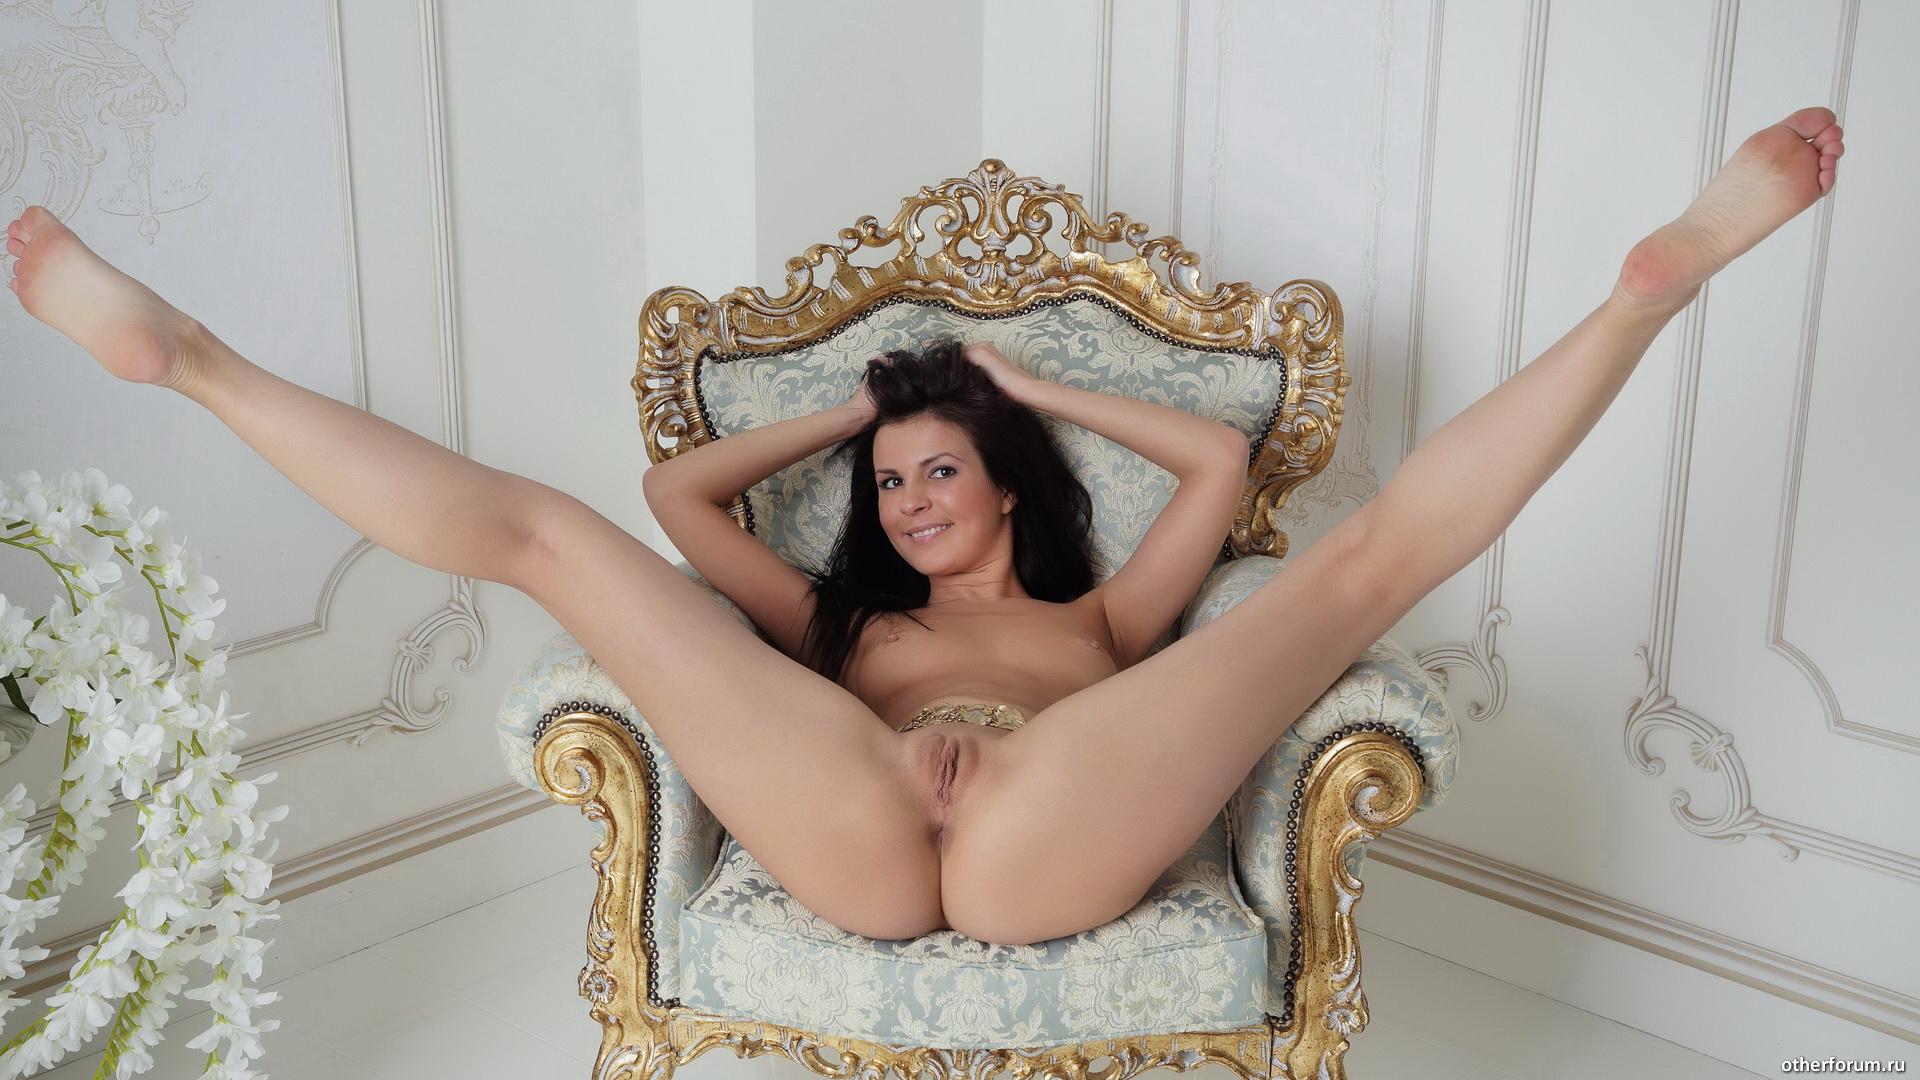 никогда ничего фото посетительниц сайта с раздвинутыми ногами она пользовалась